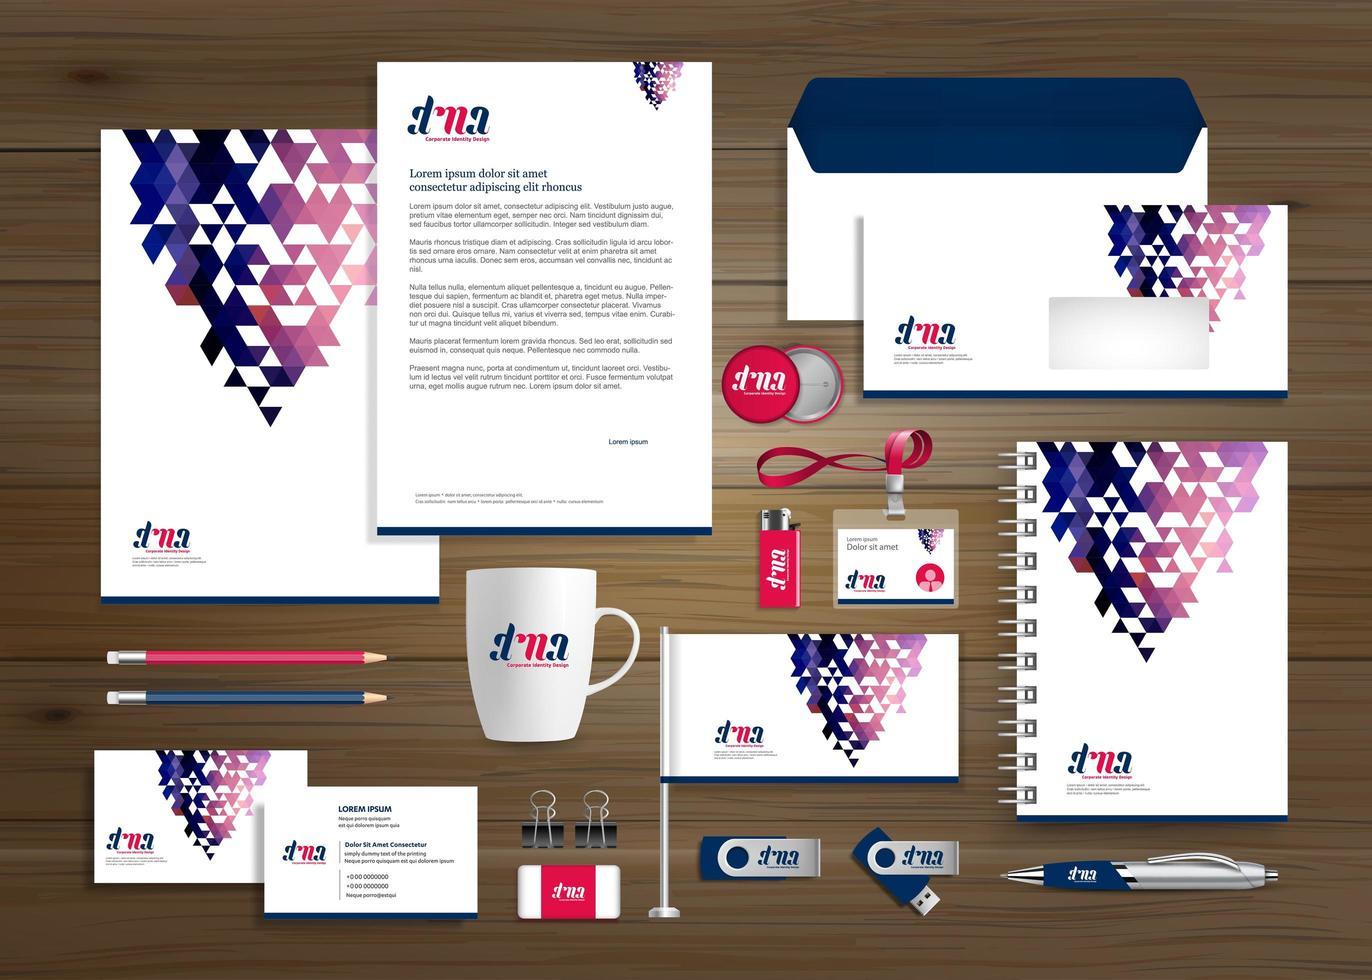 ensemble de promotion et d'identité d'entreprise de conception de triangle coloré vecteur